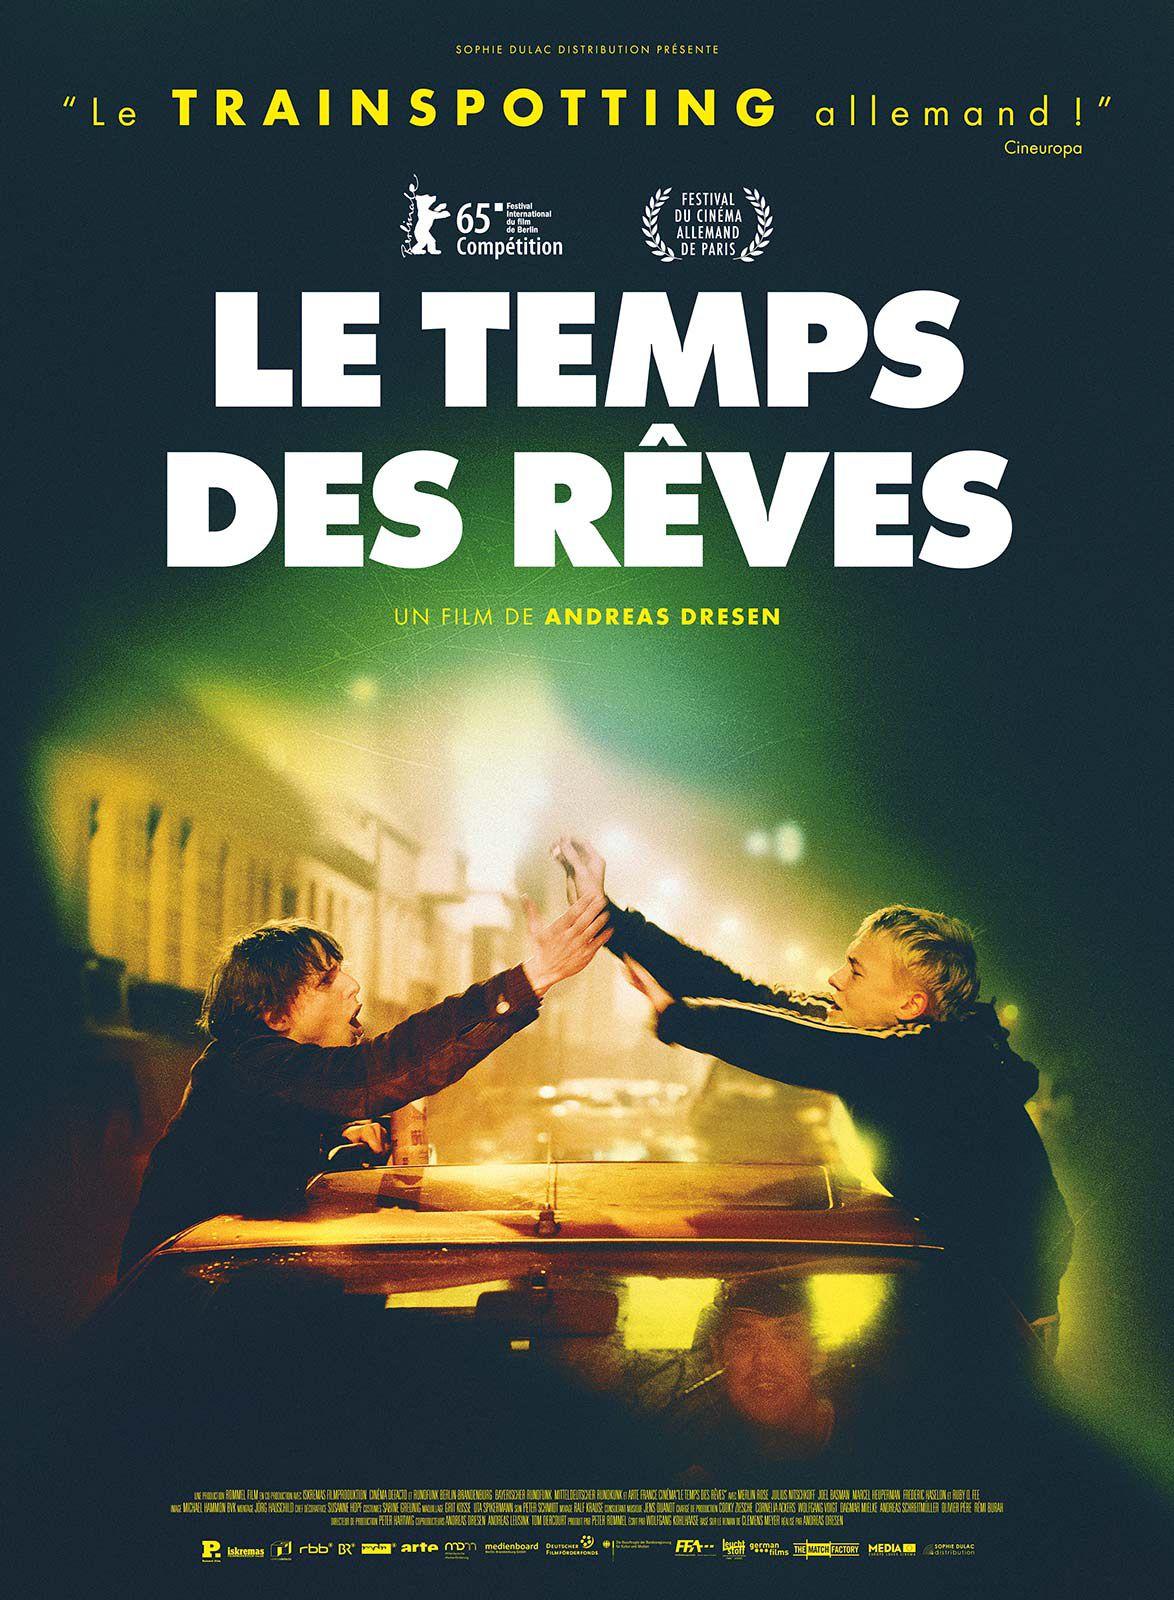 Le Temps des rêves - Film (2016)